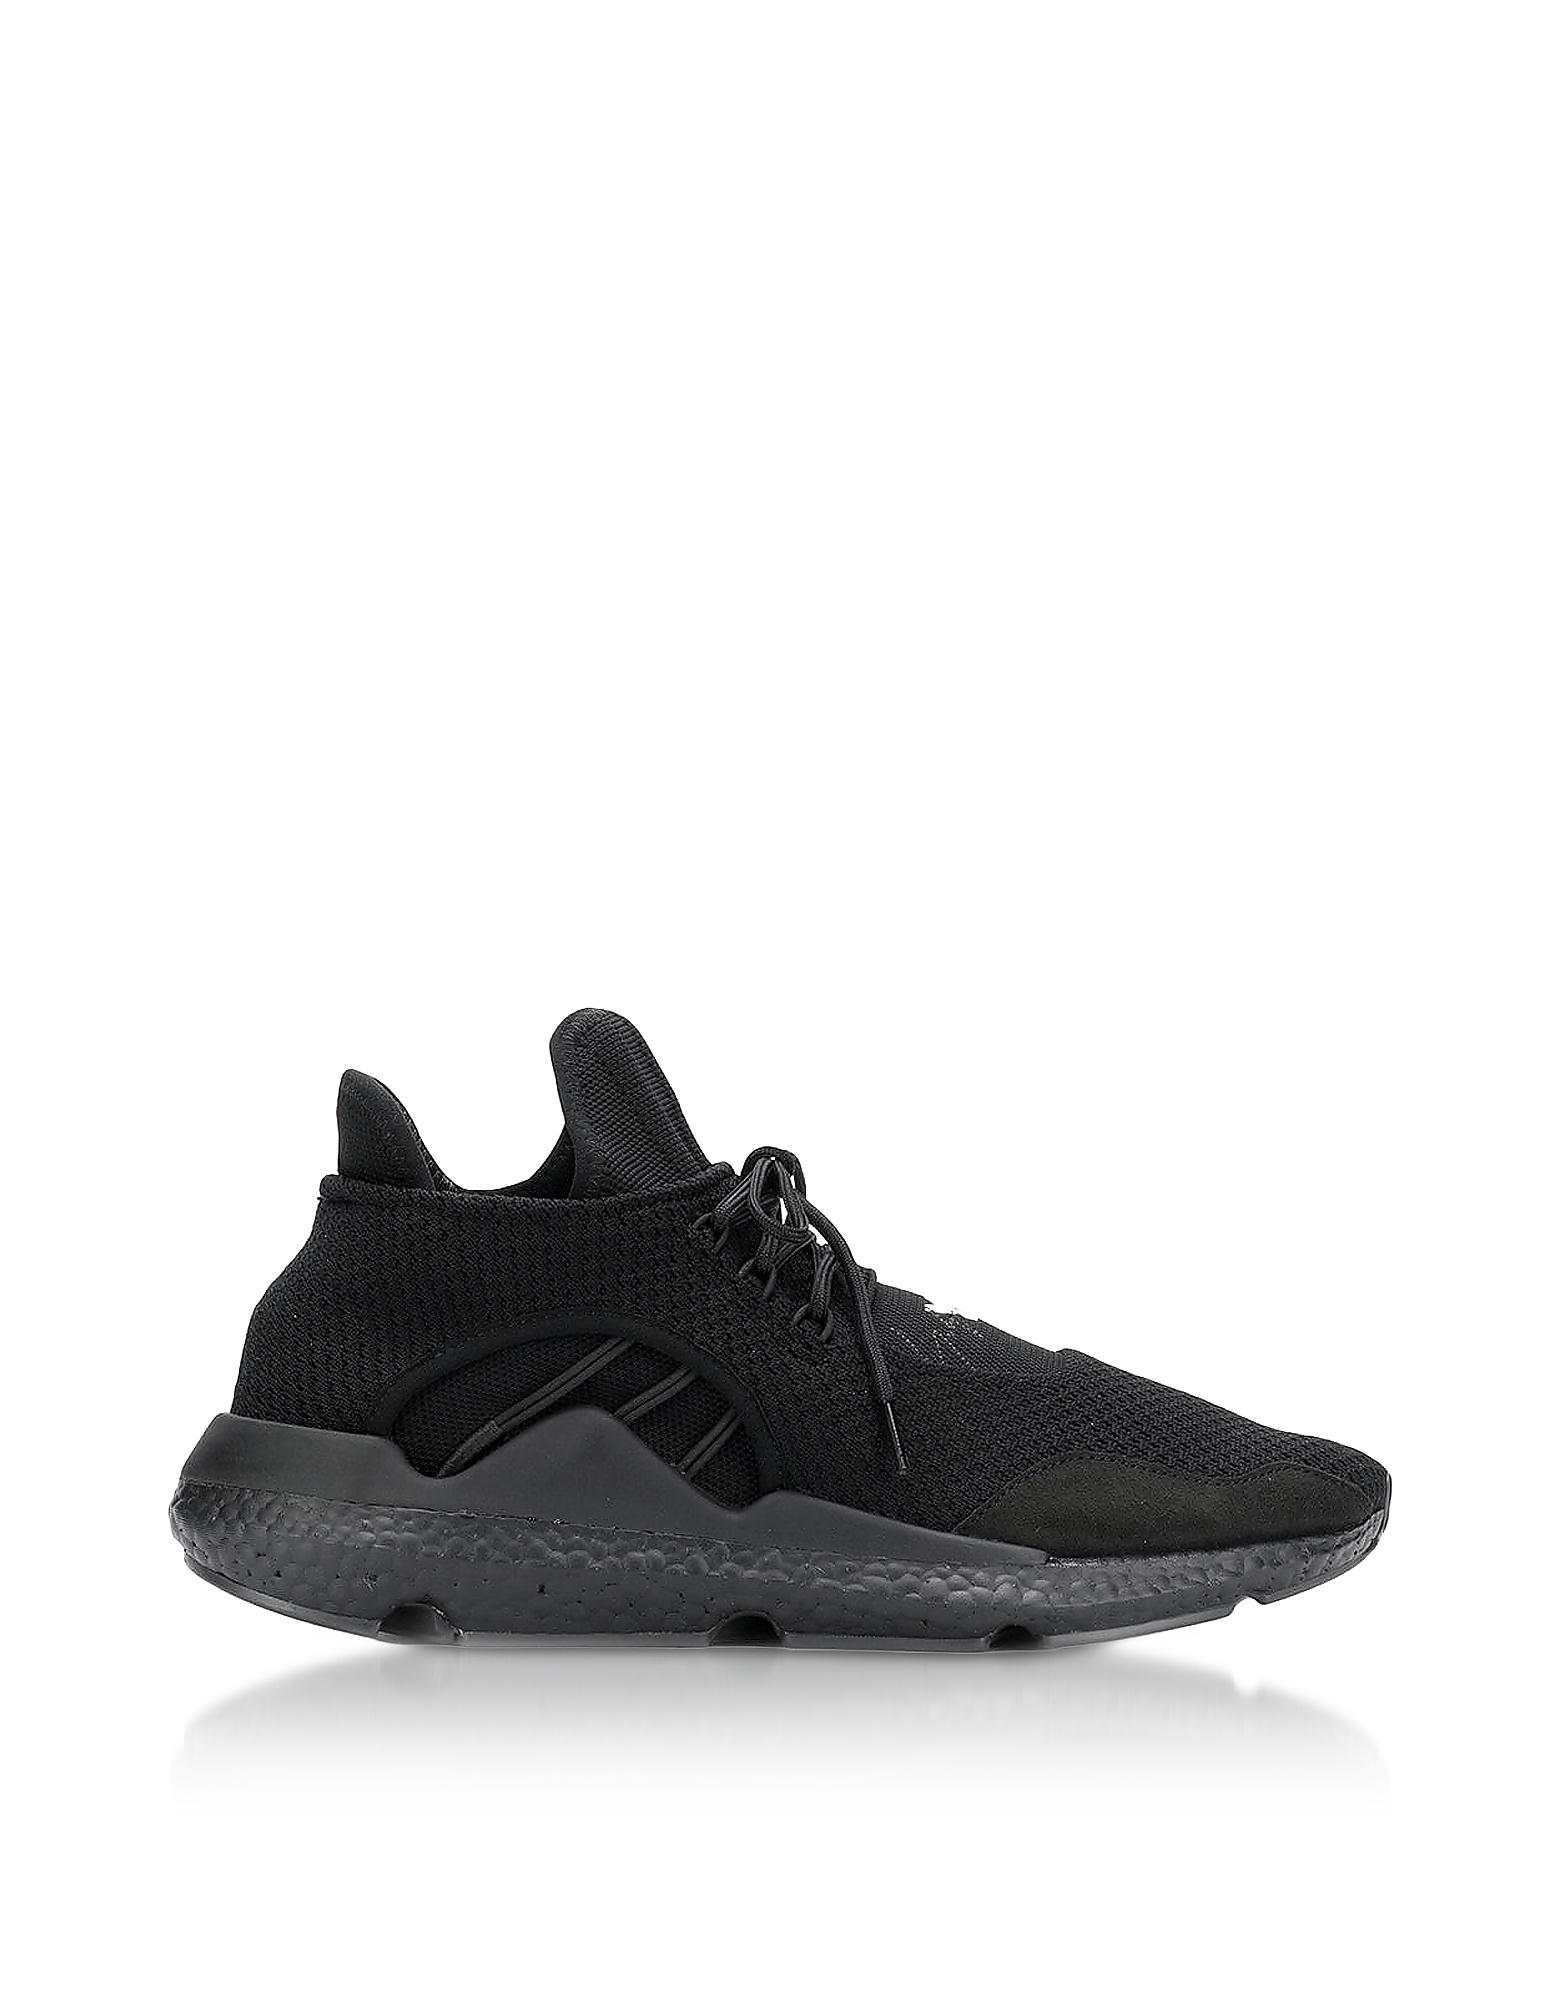 Y-3 | Y-3 Designer Shoes, Black Sayku Men's Sneakers | Goxip